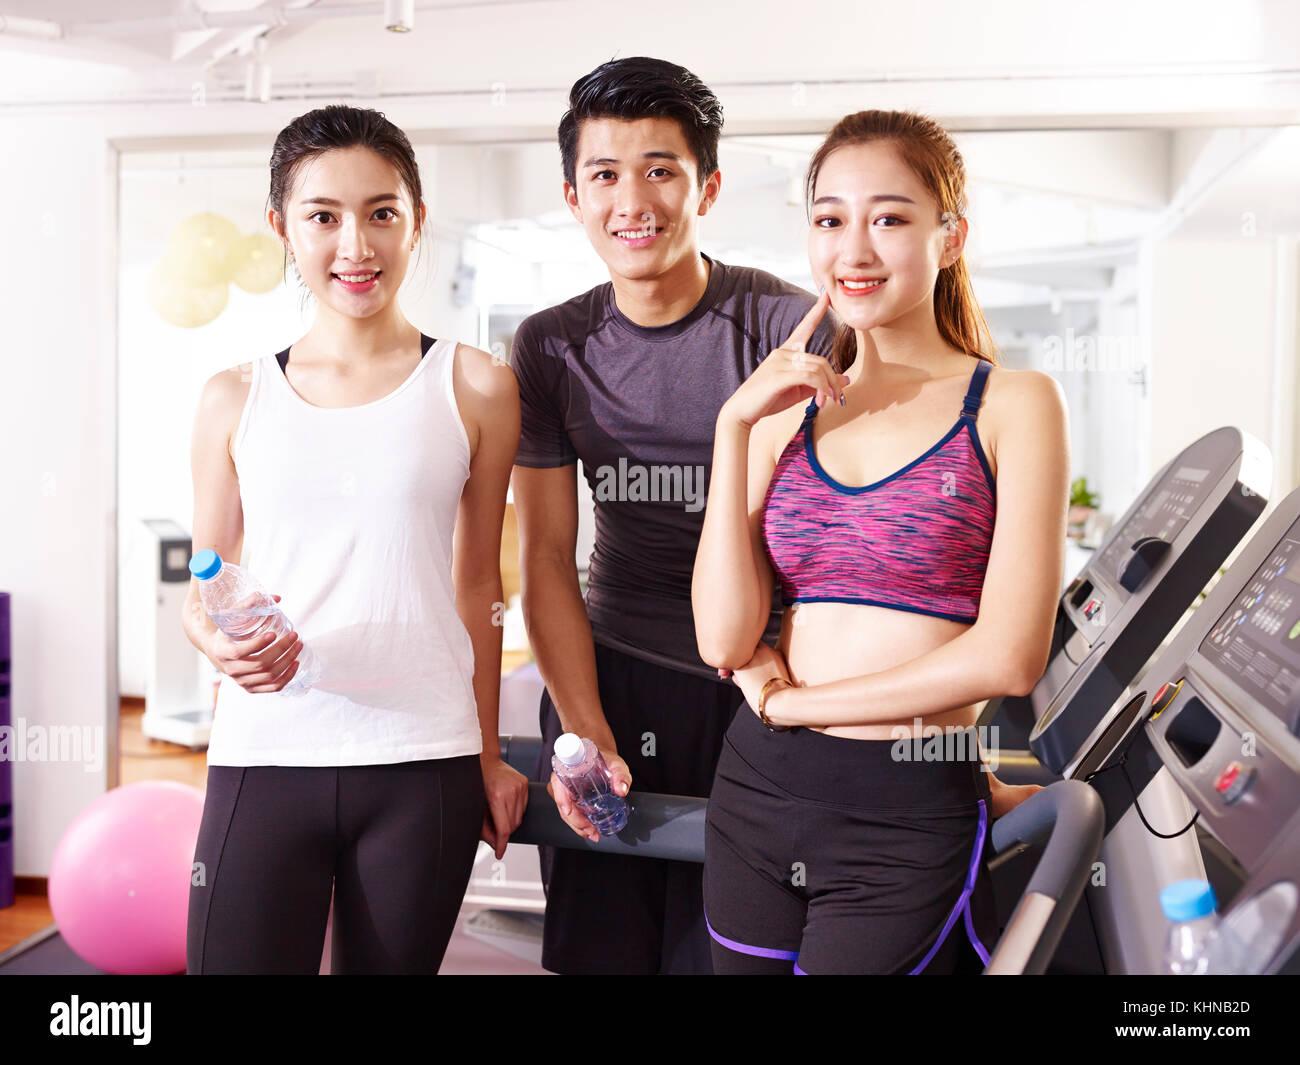 Feliz retrato de tres jóvenes adultos asiáticos en el centro de fitness. Imagen De Stock